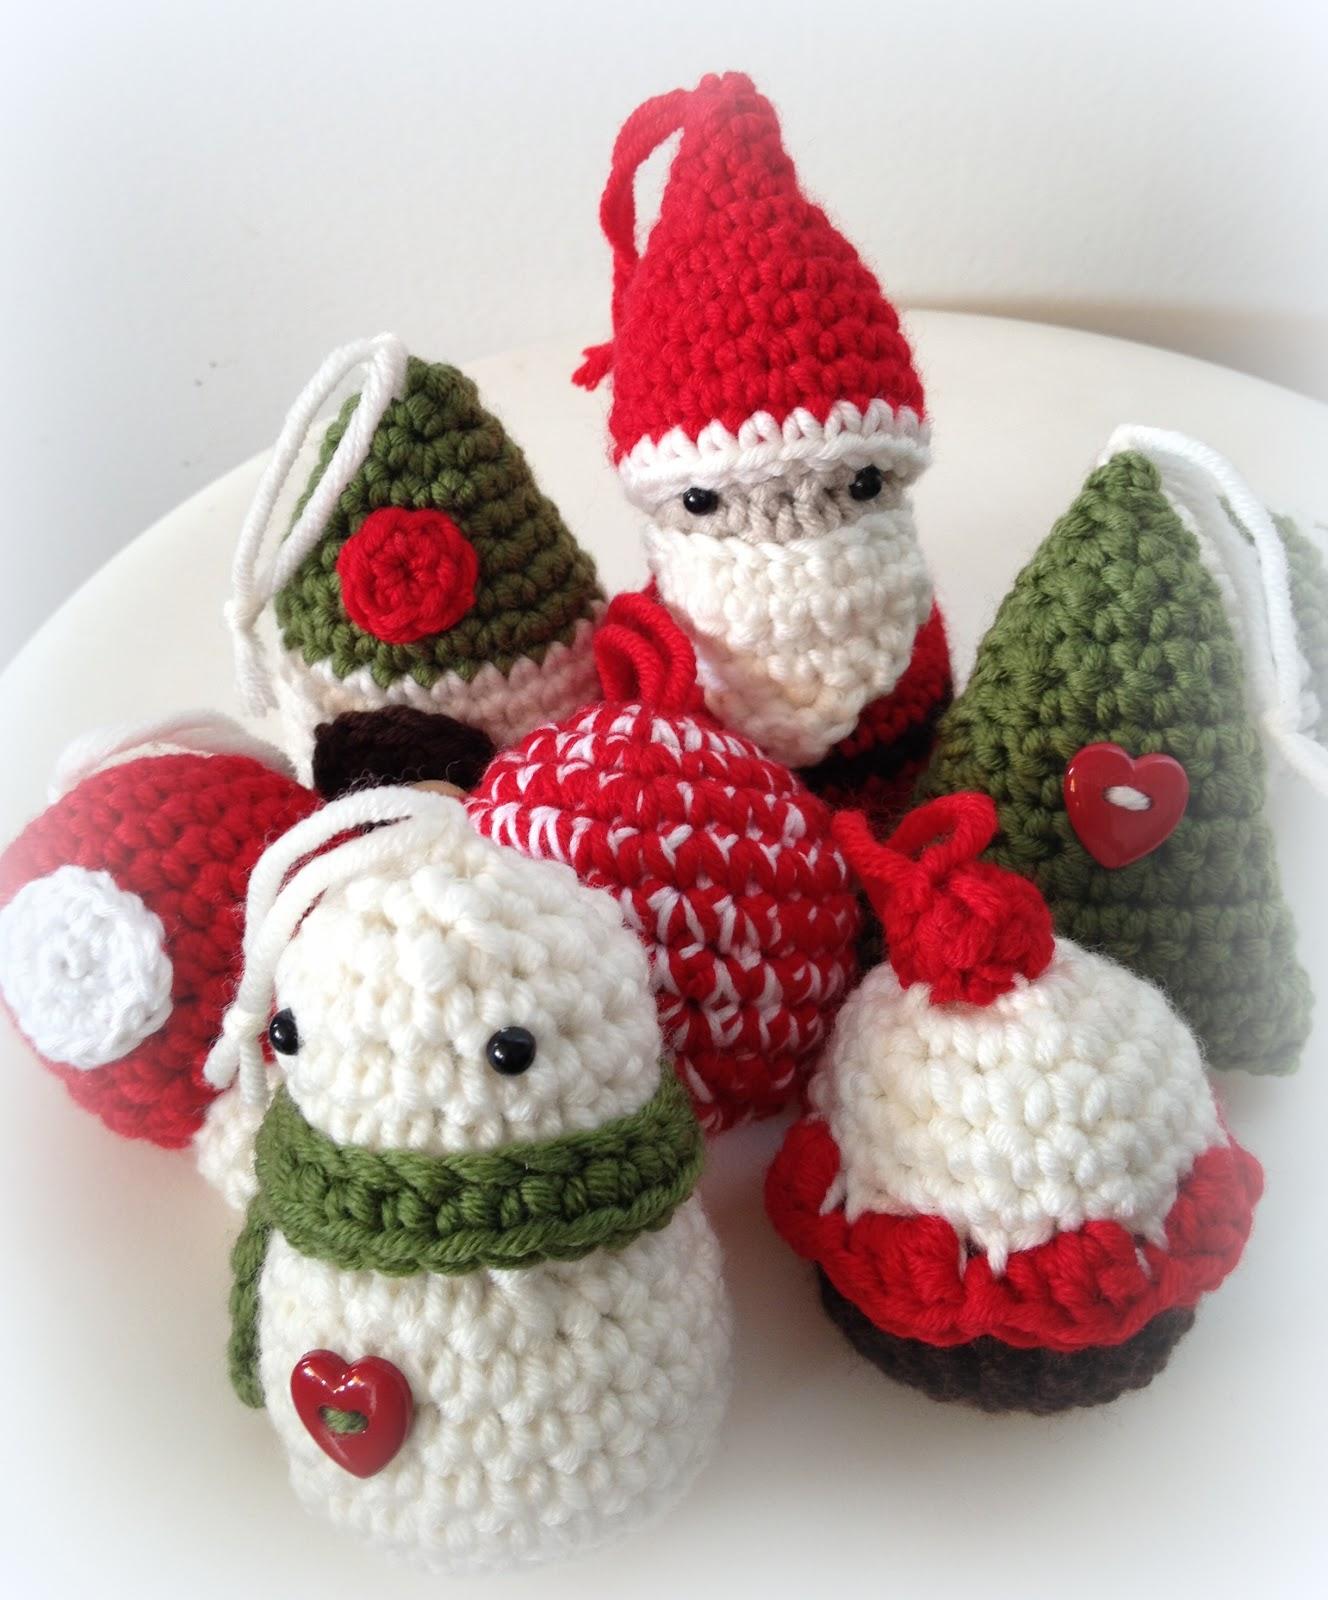 #B41729 Lady Crochet: Amigurumis De Navidad / Xmas Amigurumis 5523 décorations de noel tricot 1328x1600 px @ aertt.com